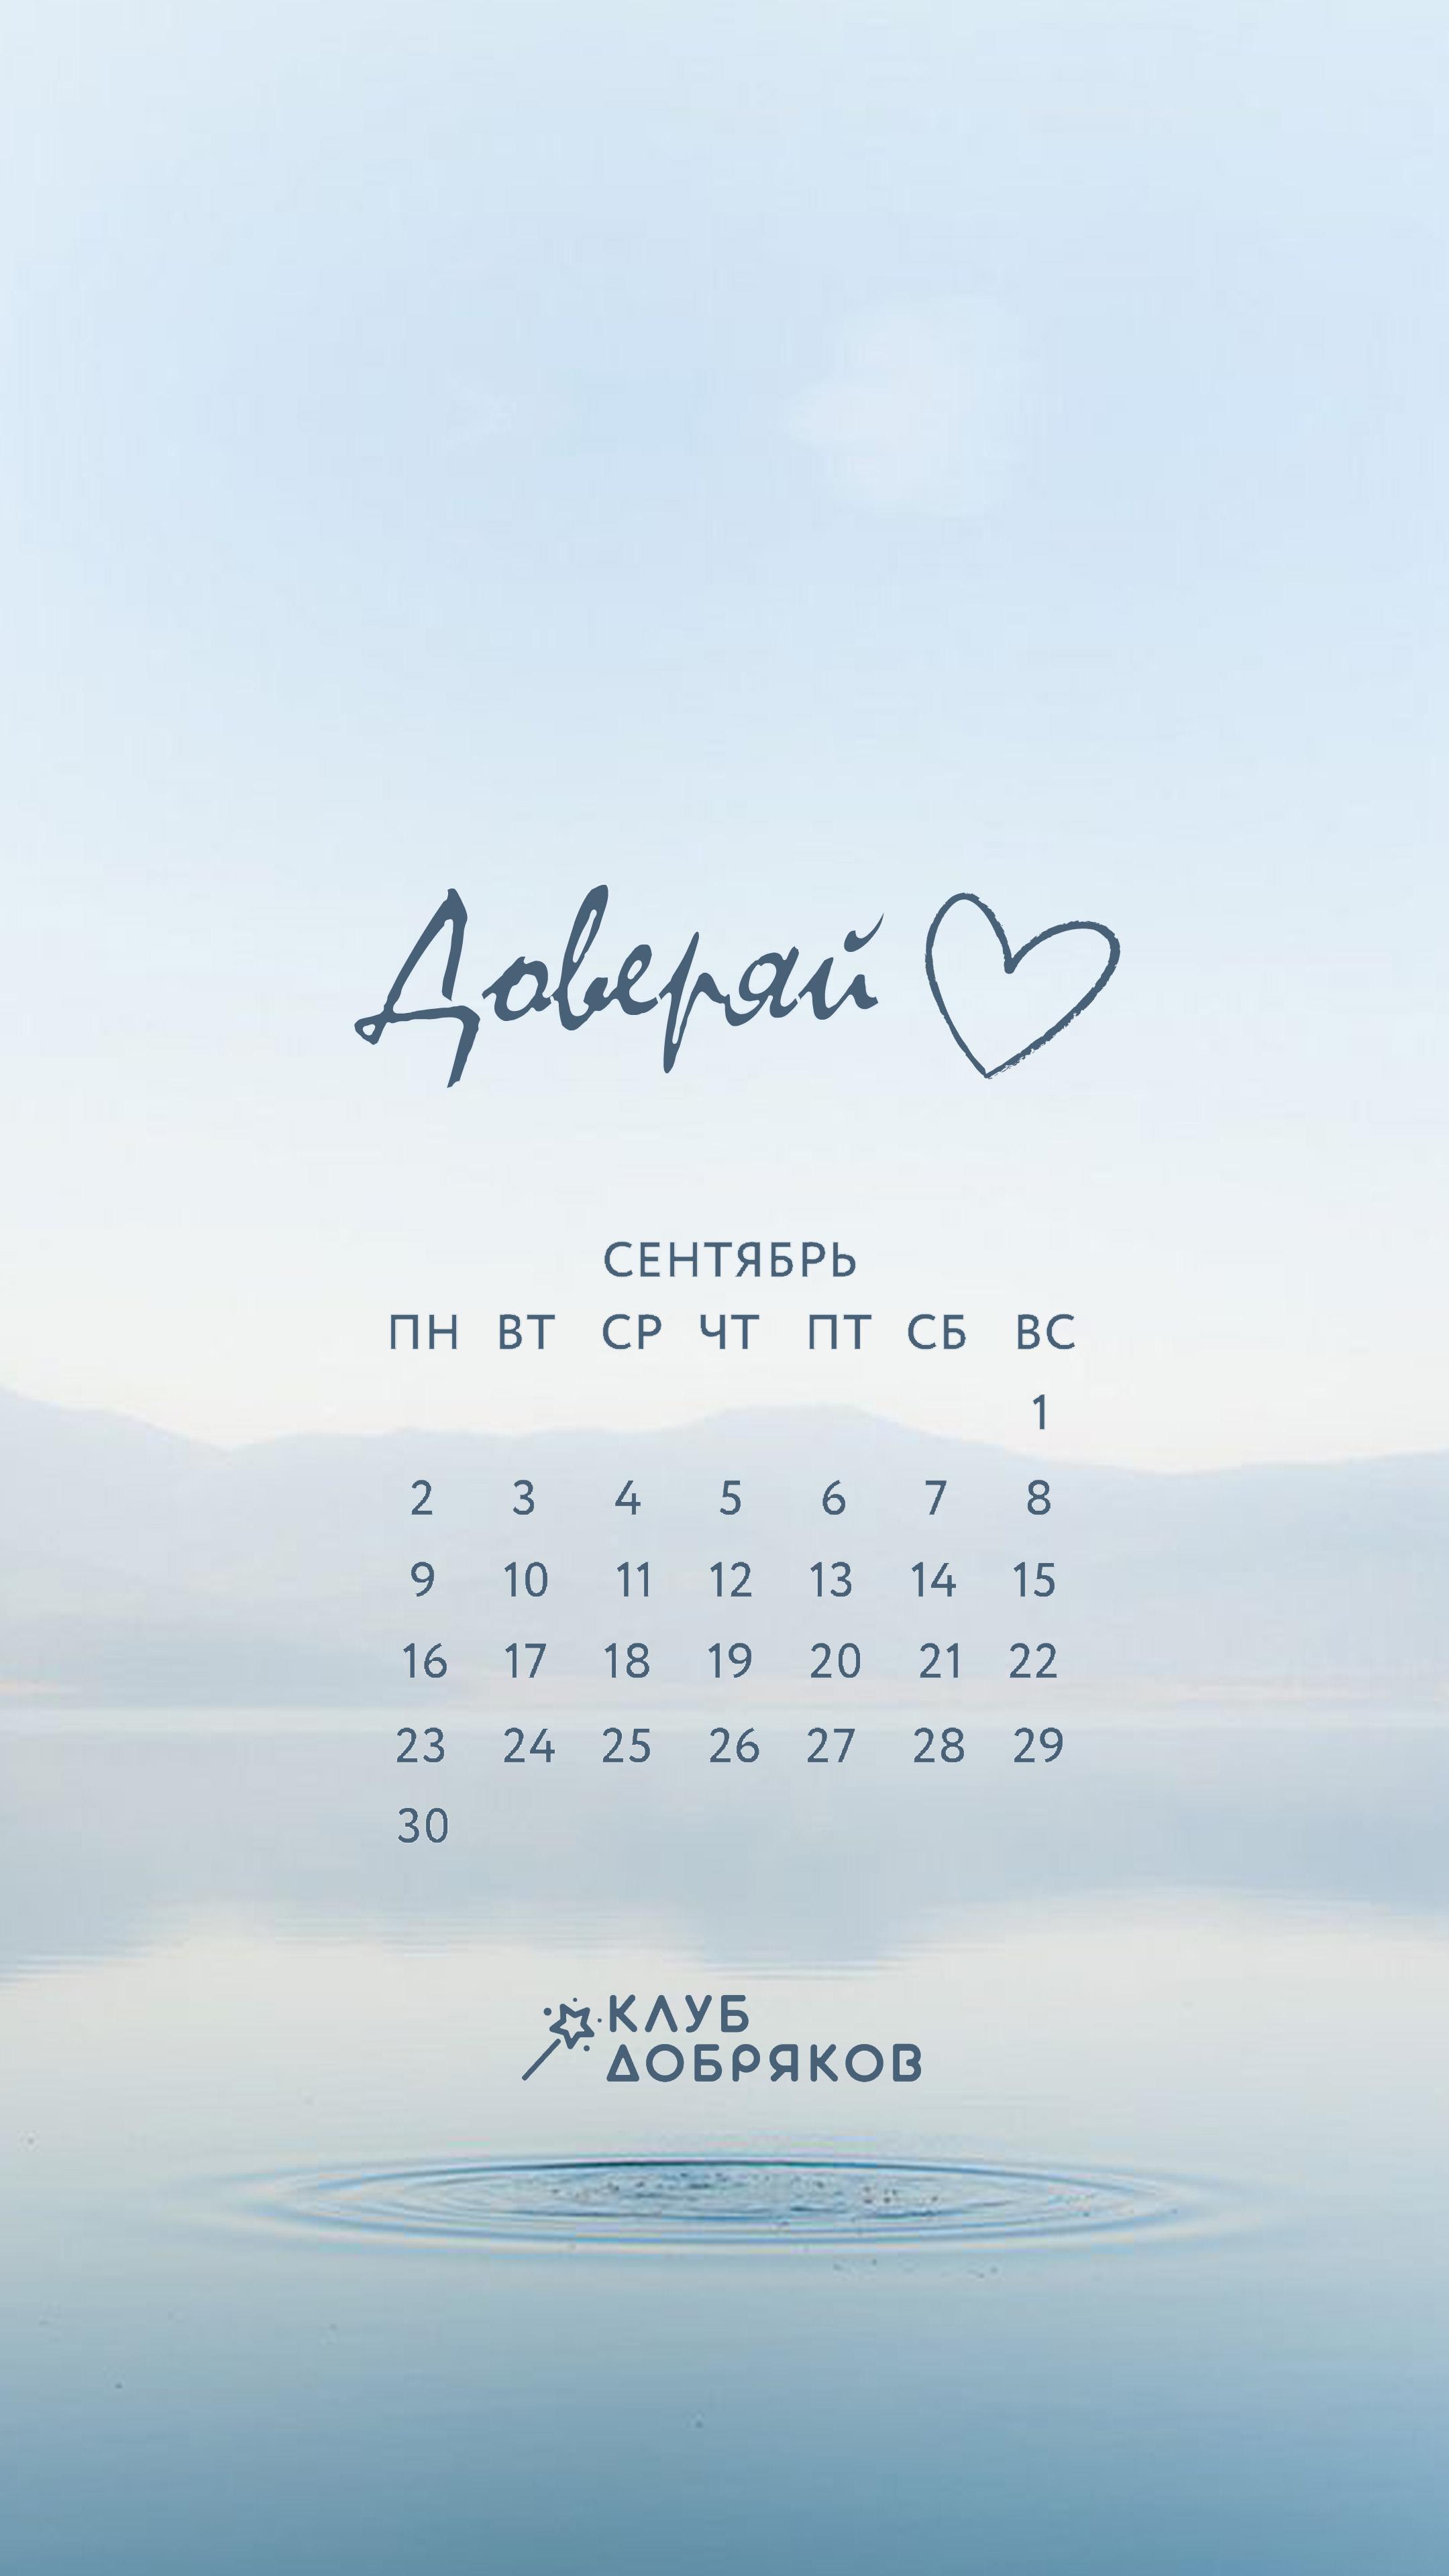 Сентябрьские заставки для телефонов от Клуба добряков